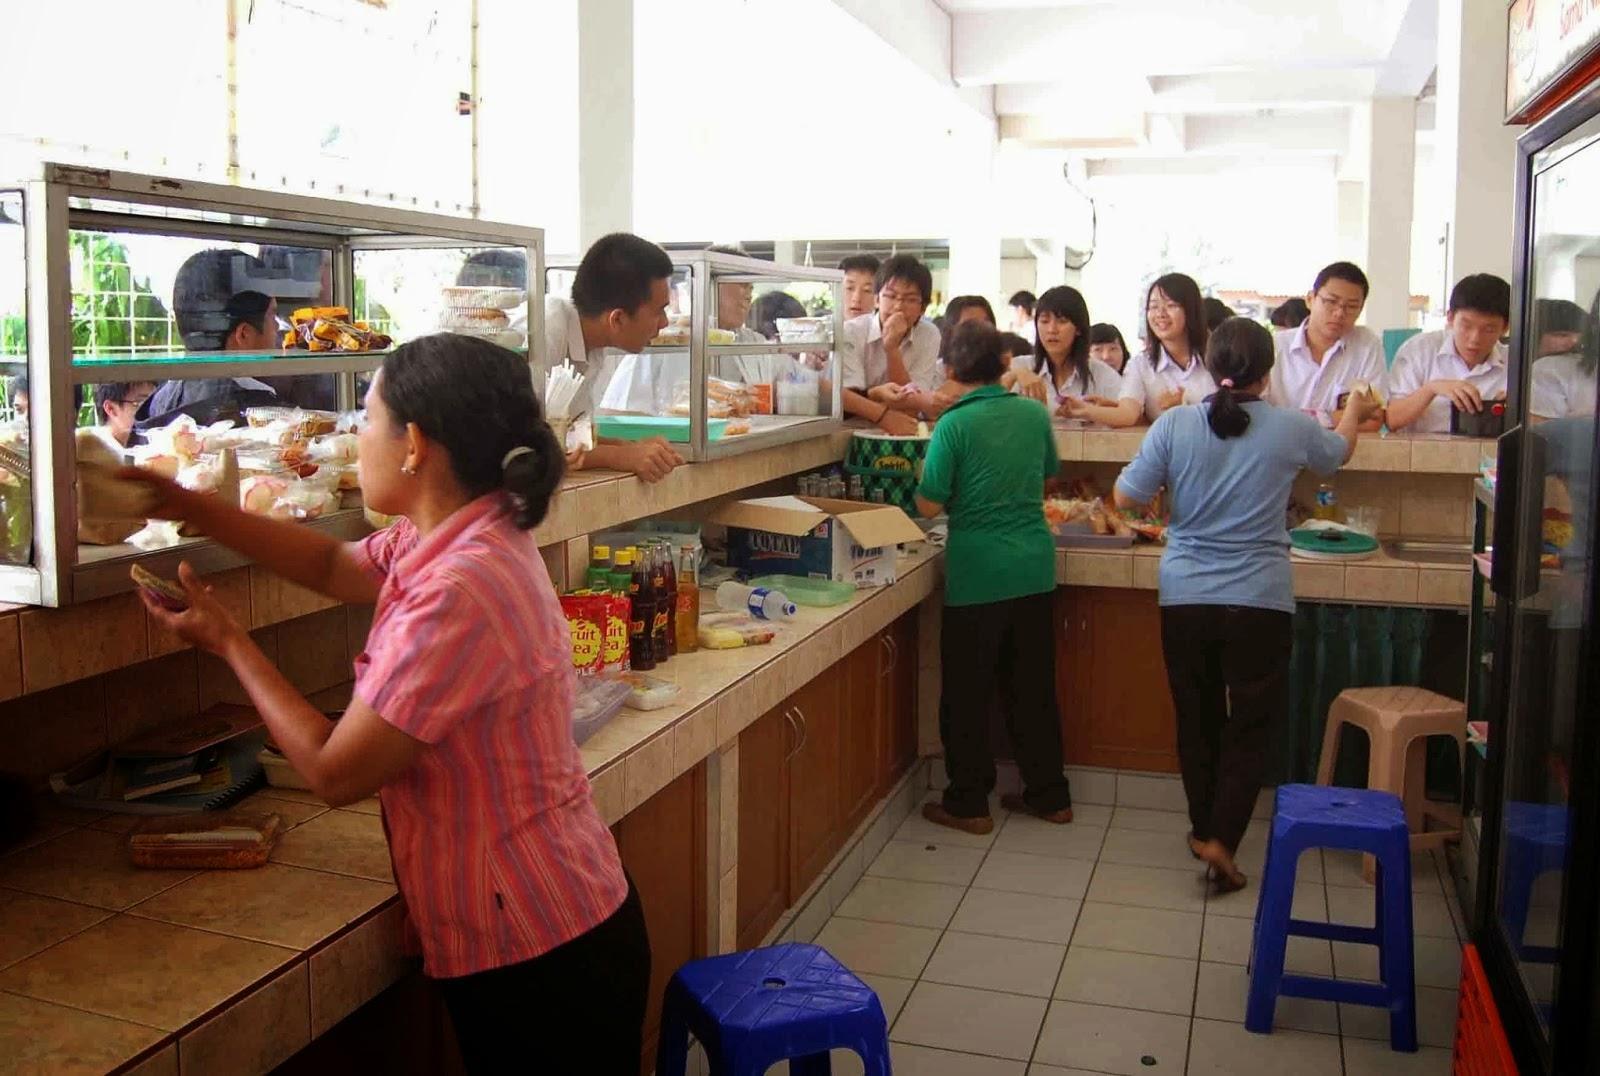 Peluang Bisnis Di Bandung Terbaru Usaha Kuliner Sebagai Peluang Bisnis Bandung 2016